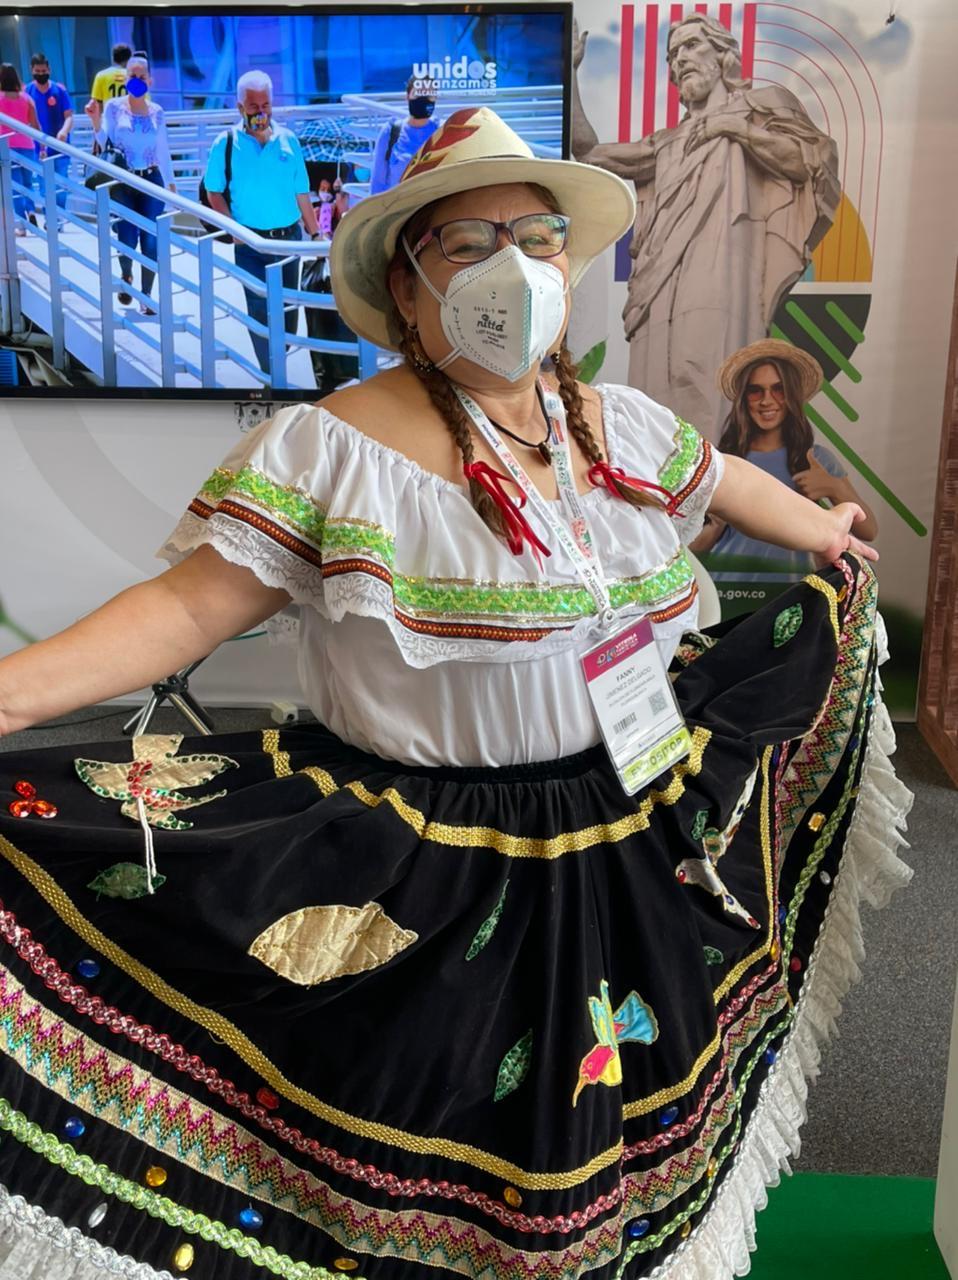 nitta en la feria más importante de turismo de colombia y latinoamérica vitrina anato 2021 NITTA en la feria más importante de Turismo de Colombia y Latinoamérica Vitrina Anato 2021 image 6483441 6